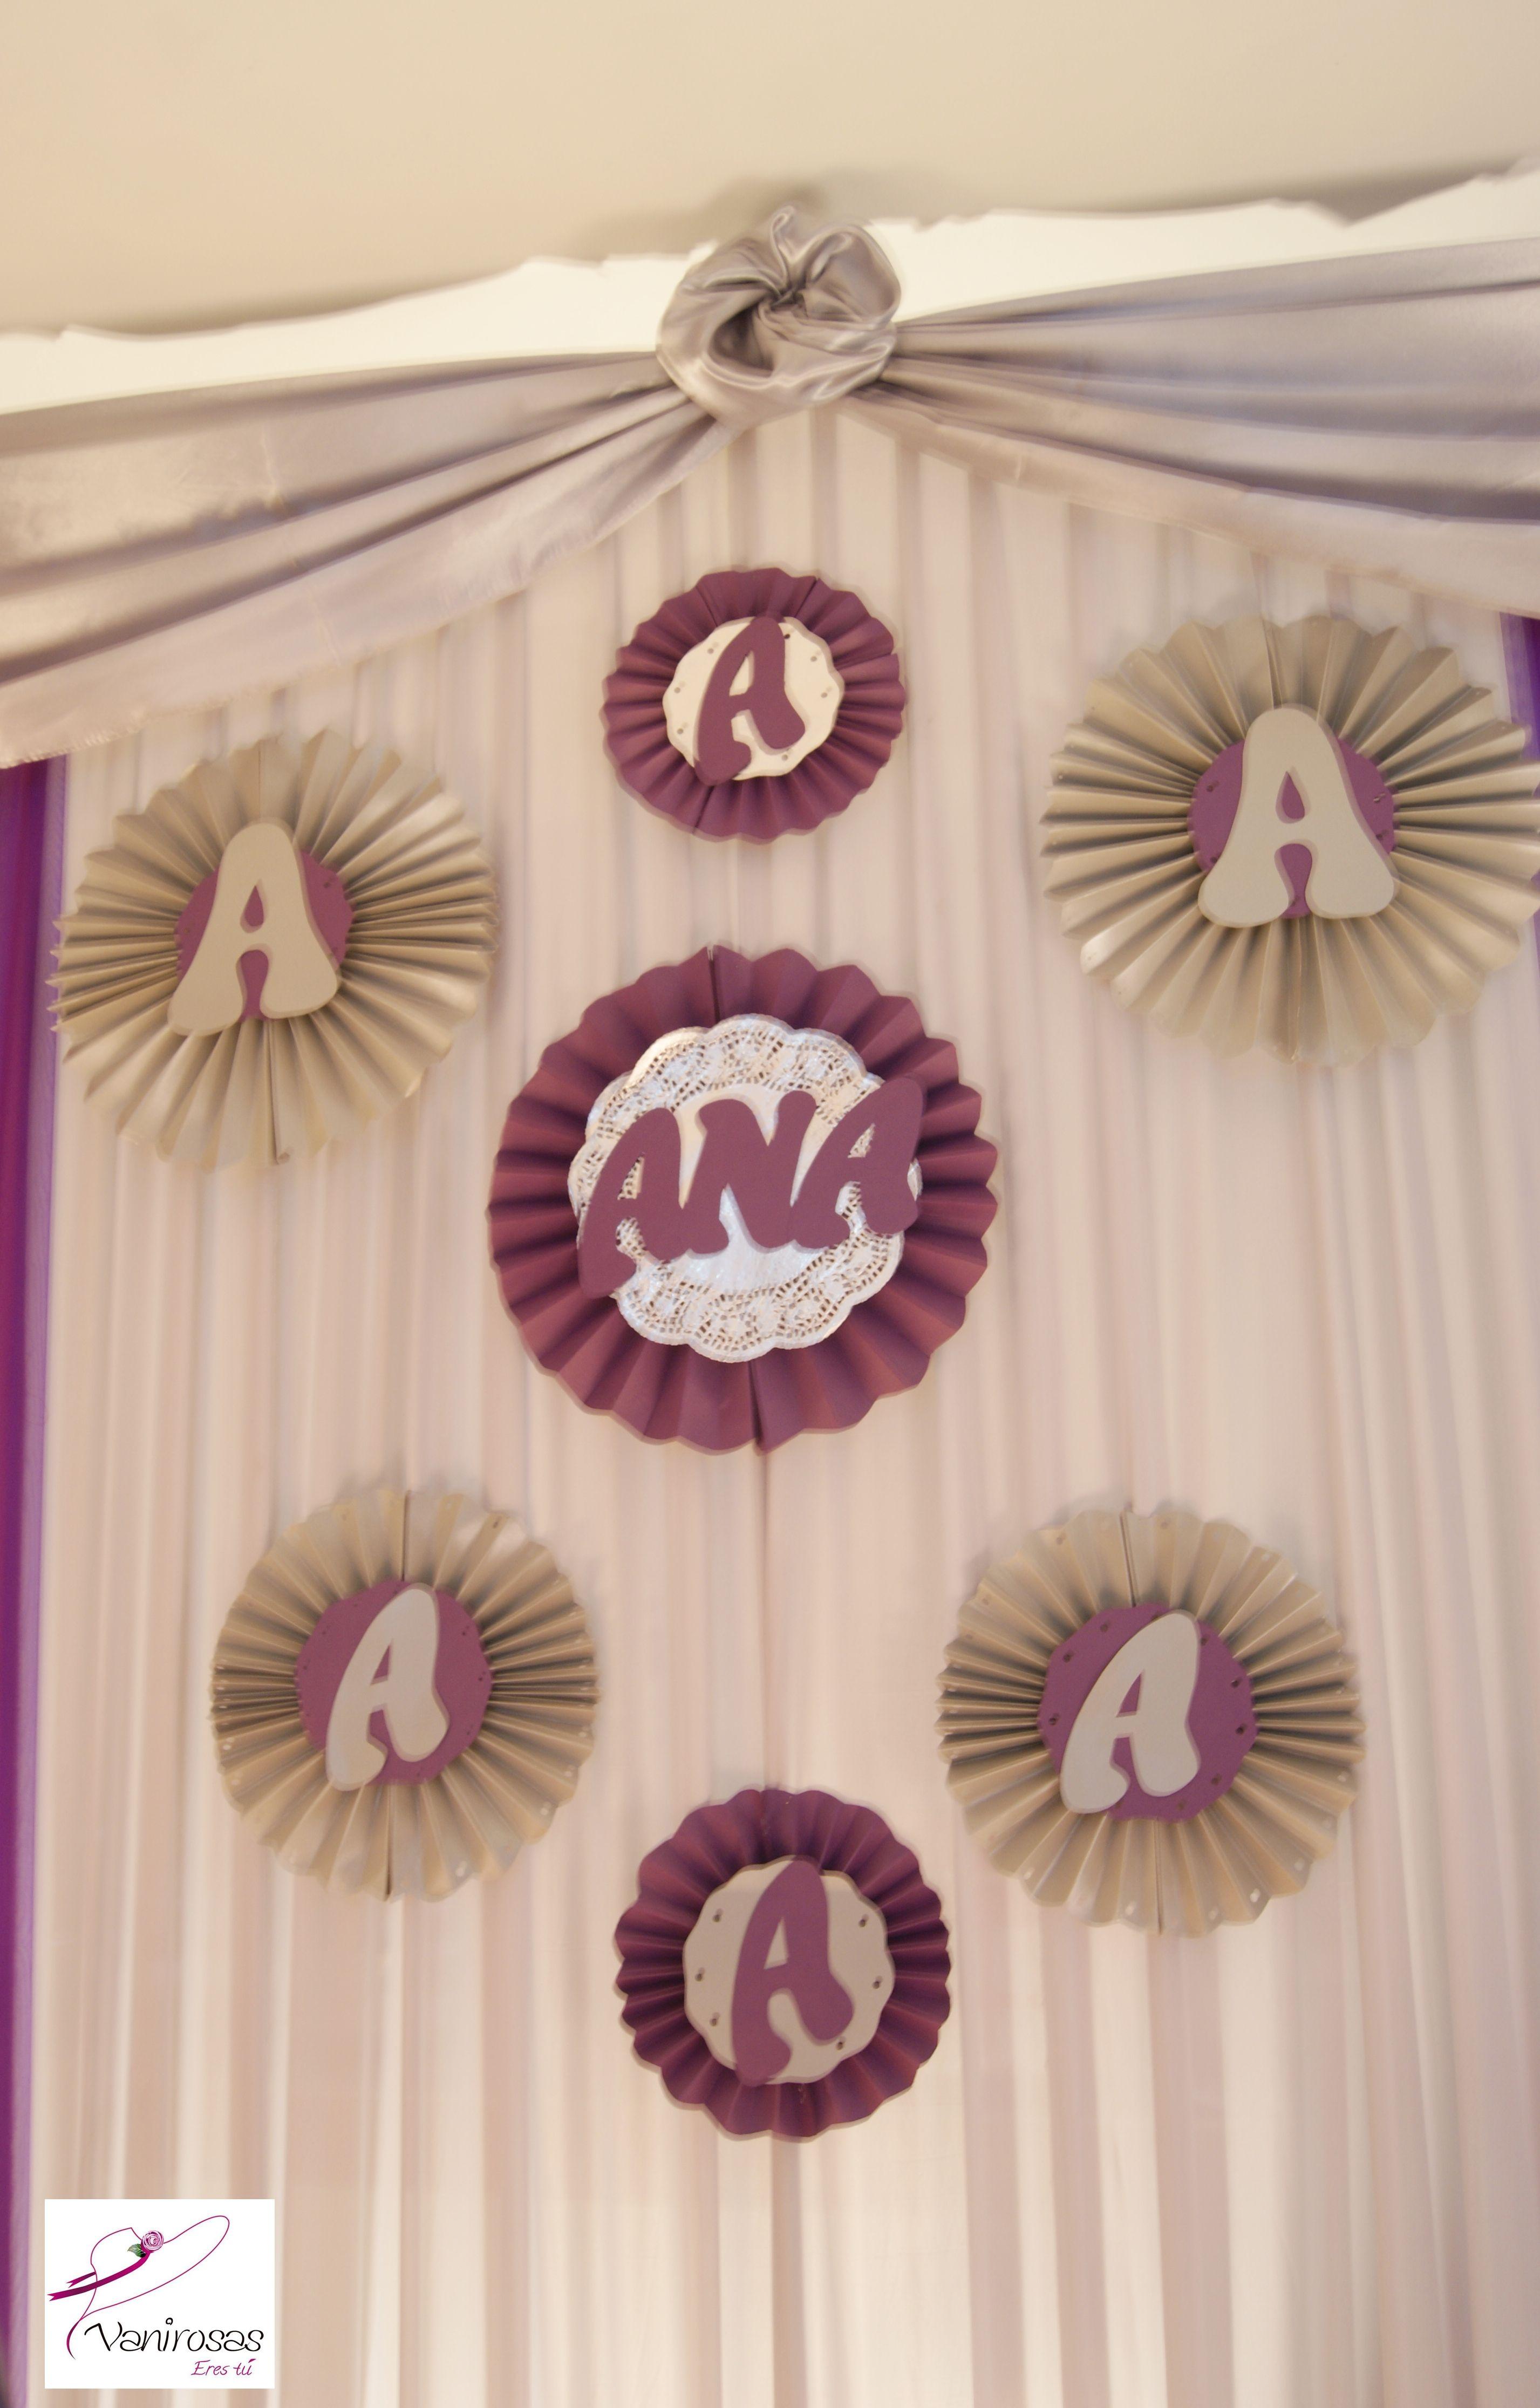 Rosetas rosetones o abanicos para decorar mesas pared - Papel para decorar paredes ...